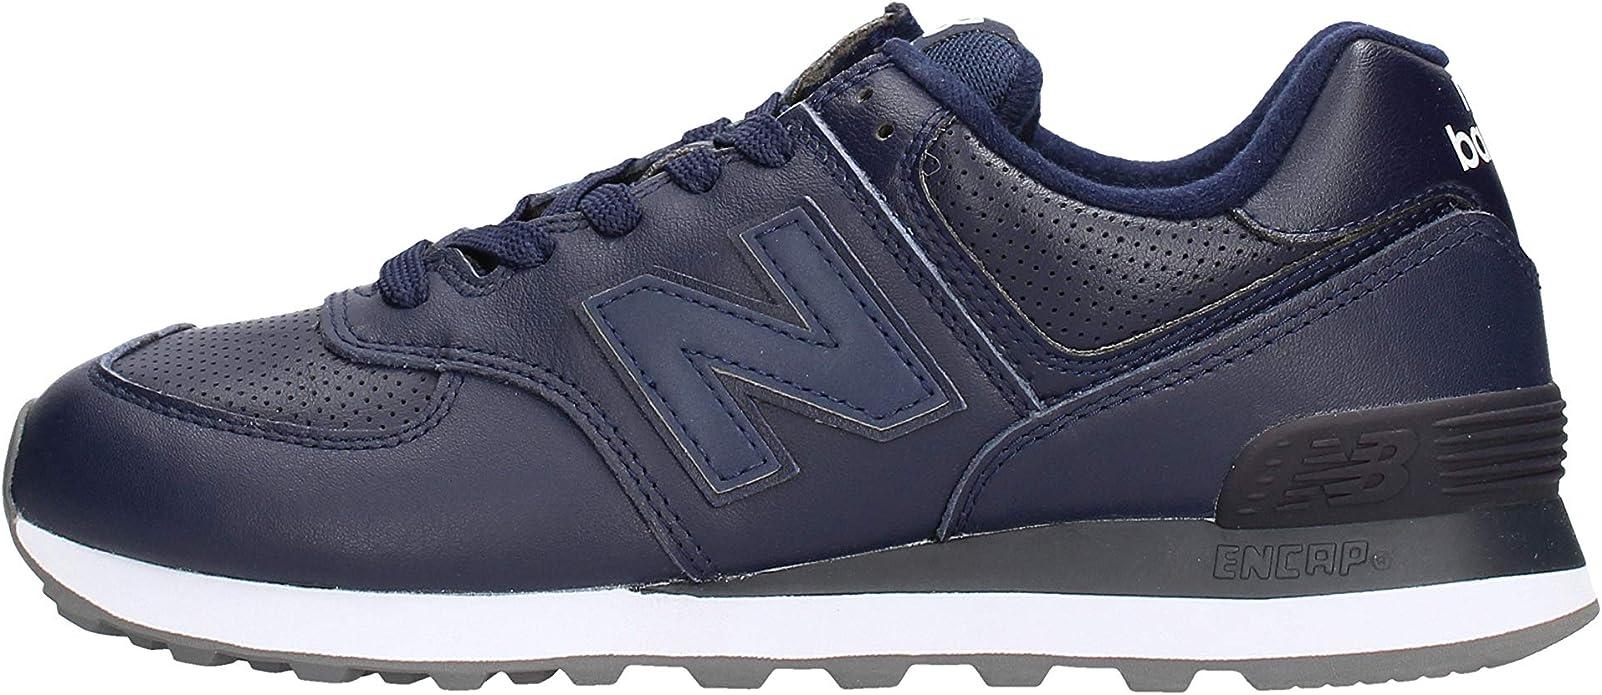 New Balance 574v2 Sneakers Herren Blau (Navy/White)